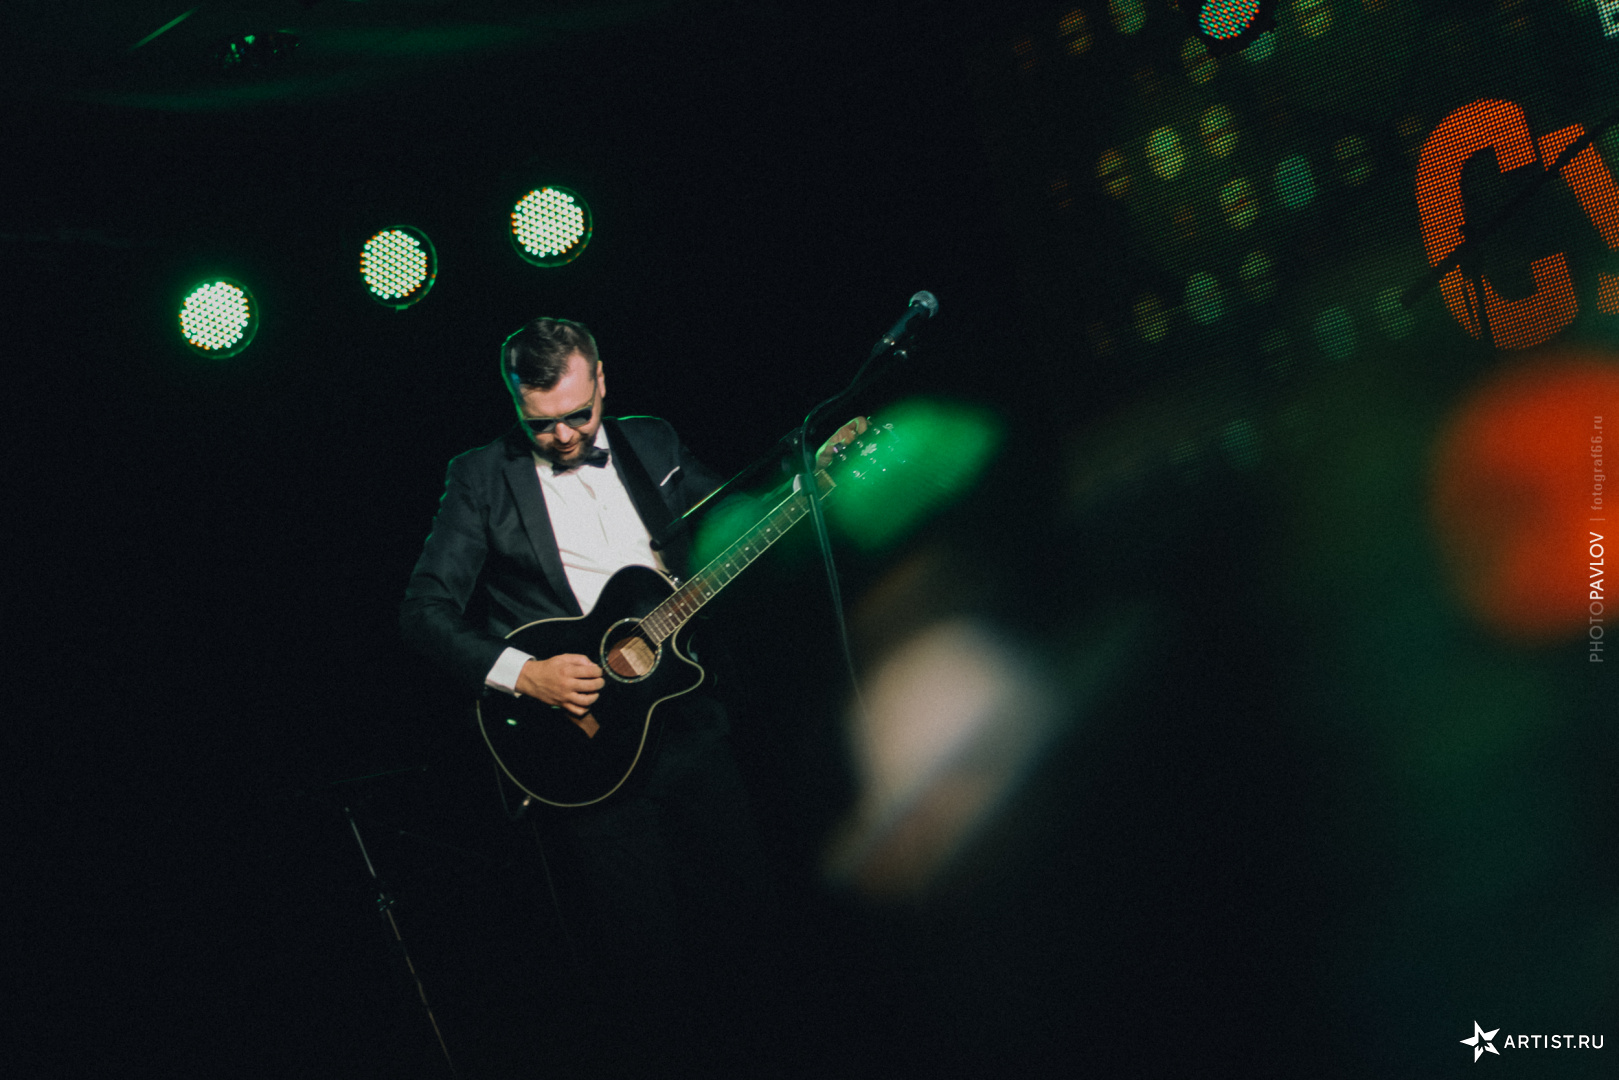 Фото 13 из 18 из альбома В Театре Эстрады  СУХОВ band (сухов бэнд)